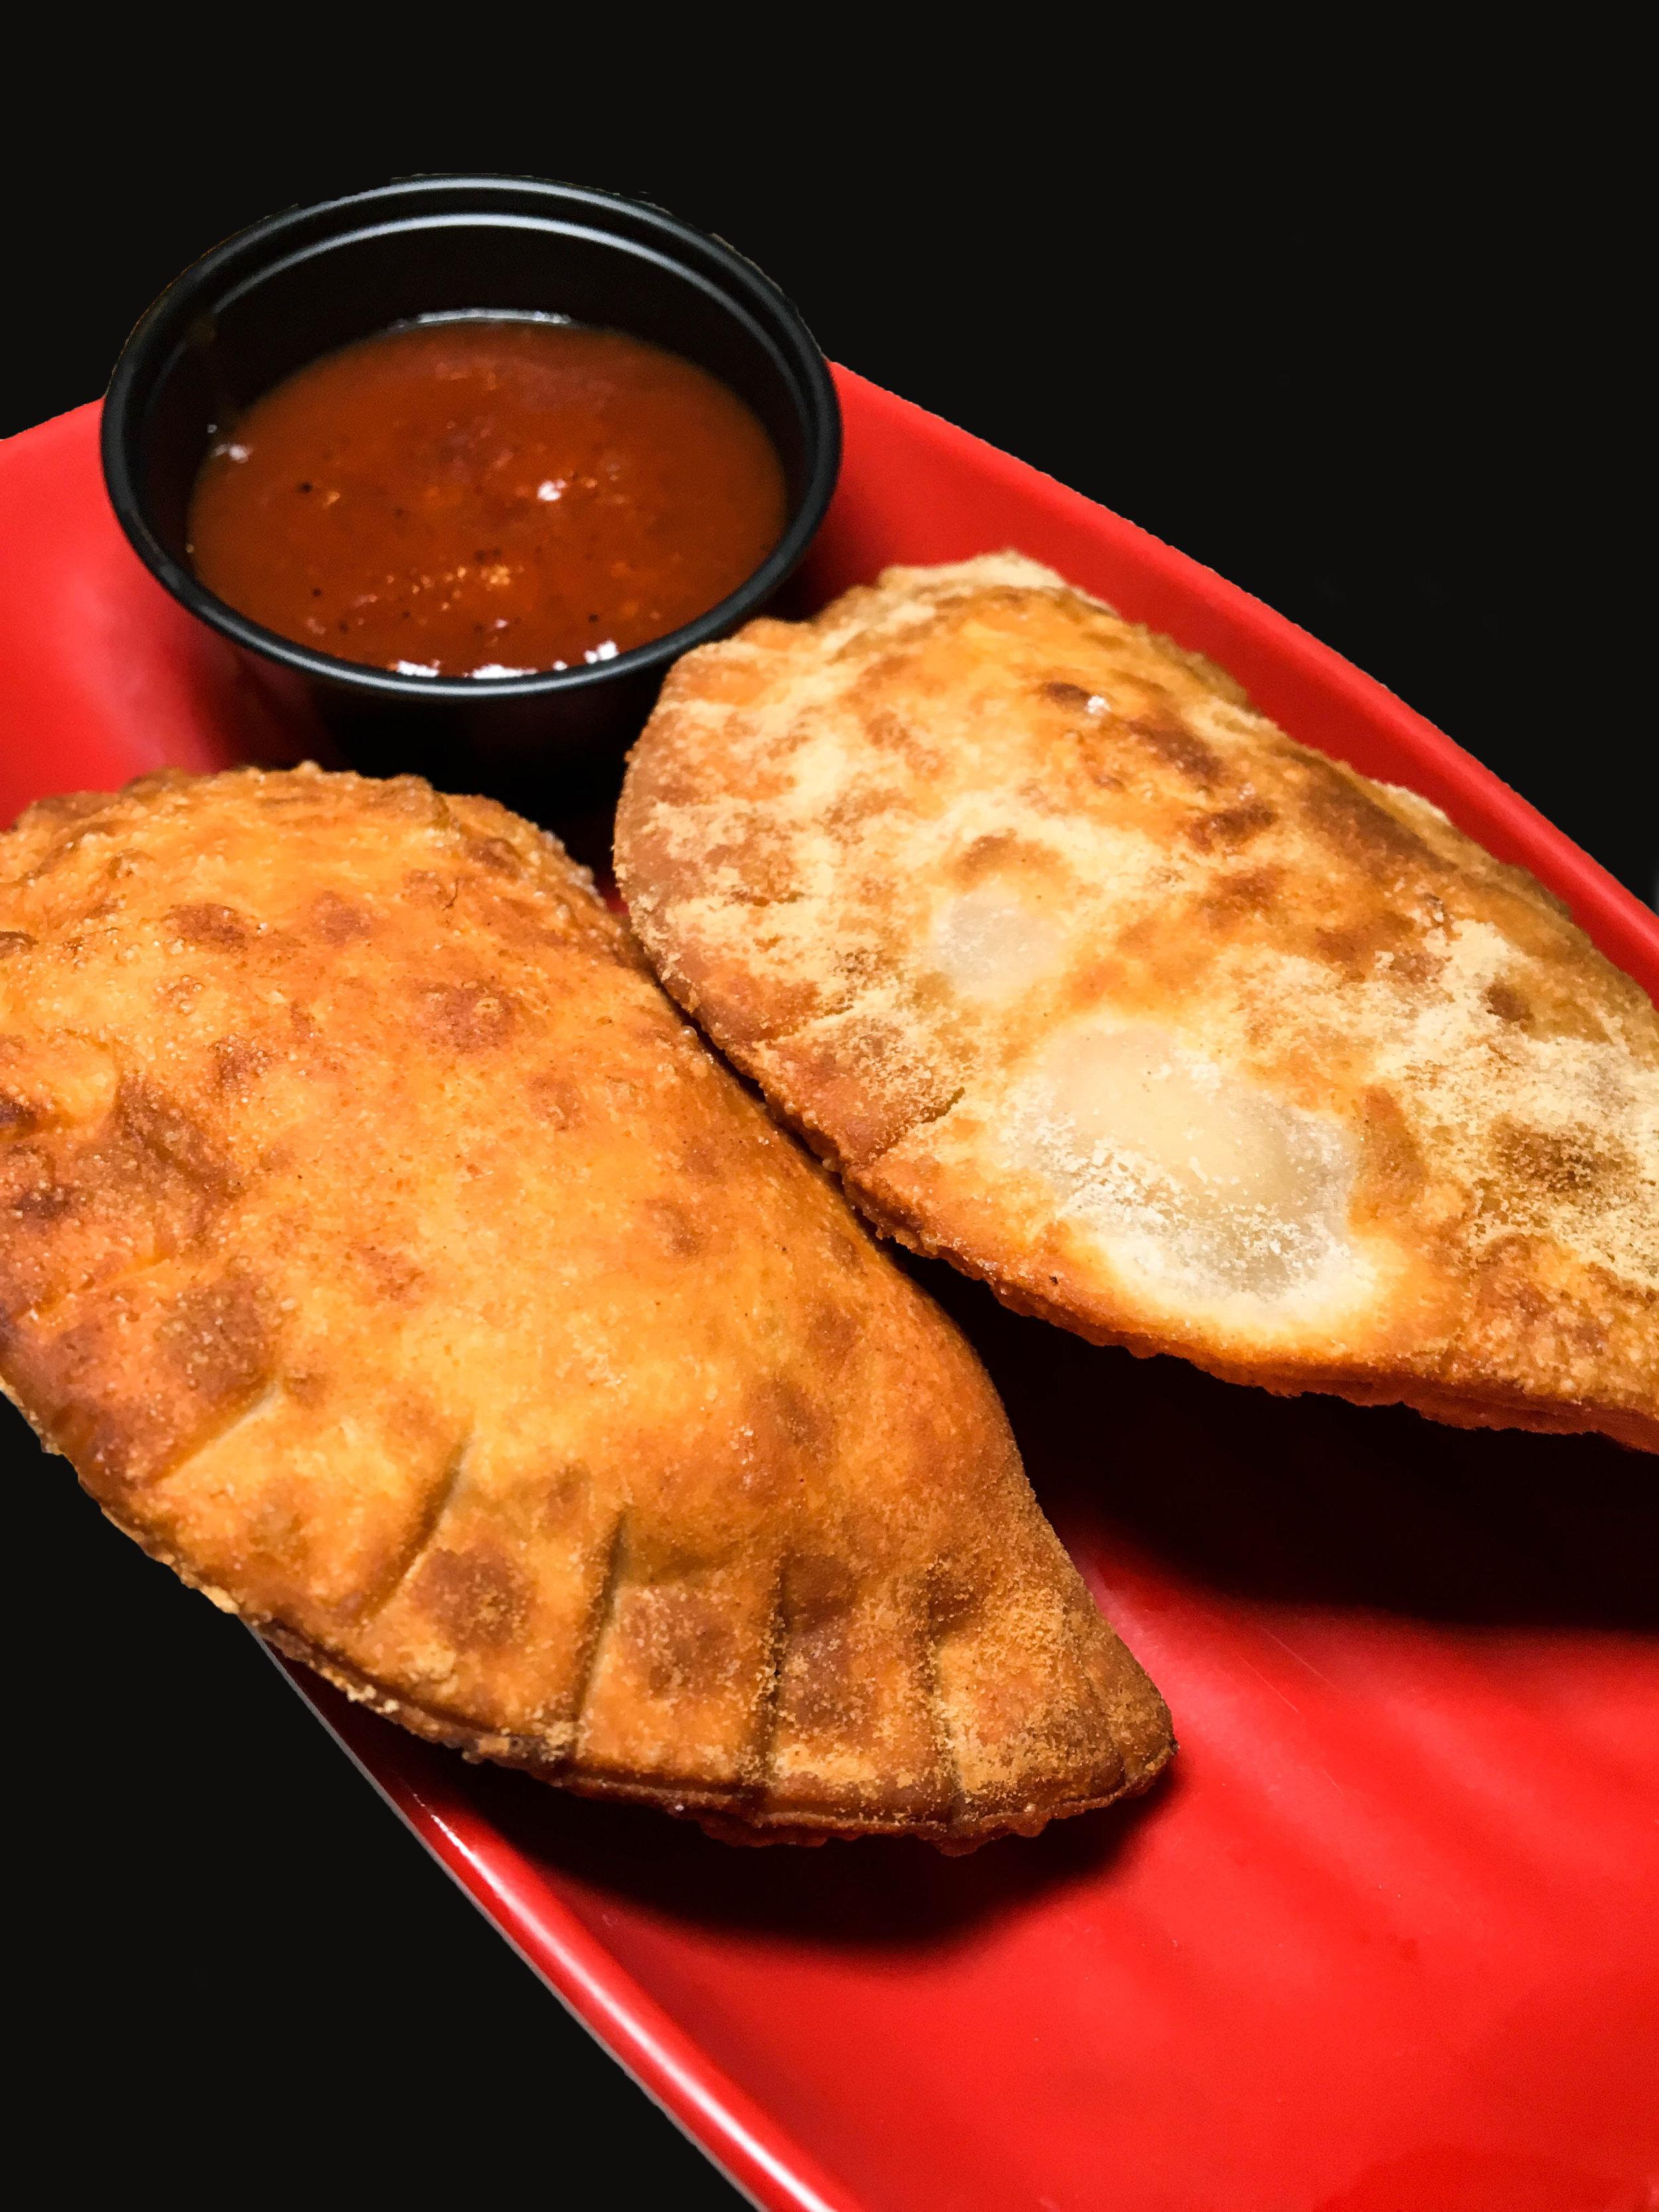 Mac N Cheese Empanadas from Bobbique